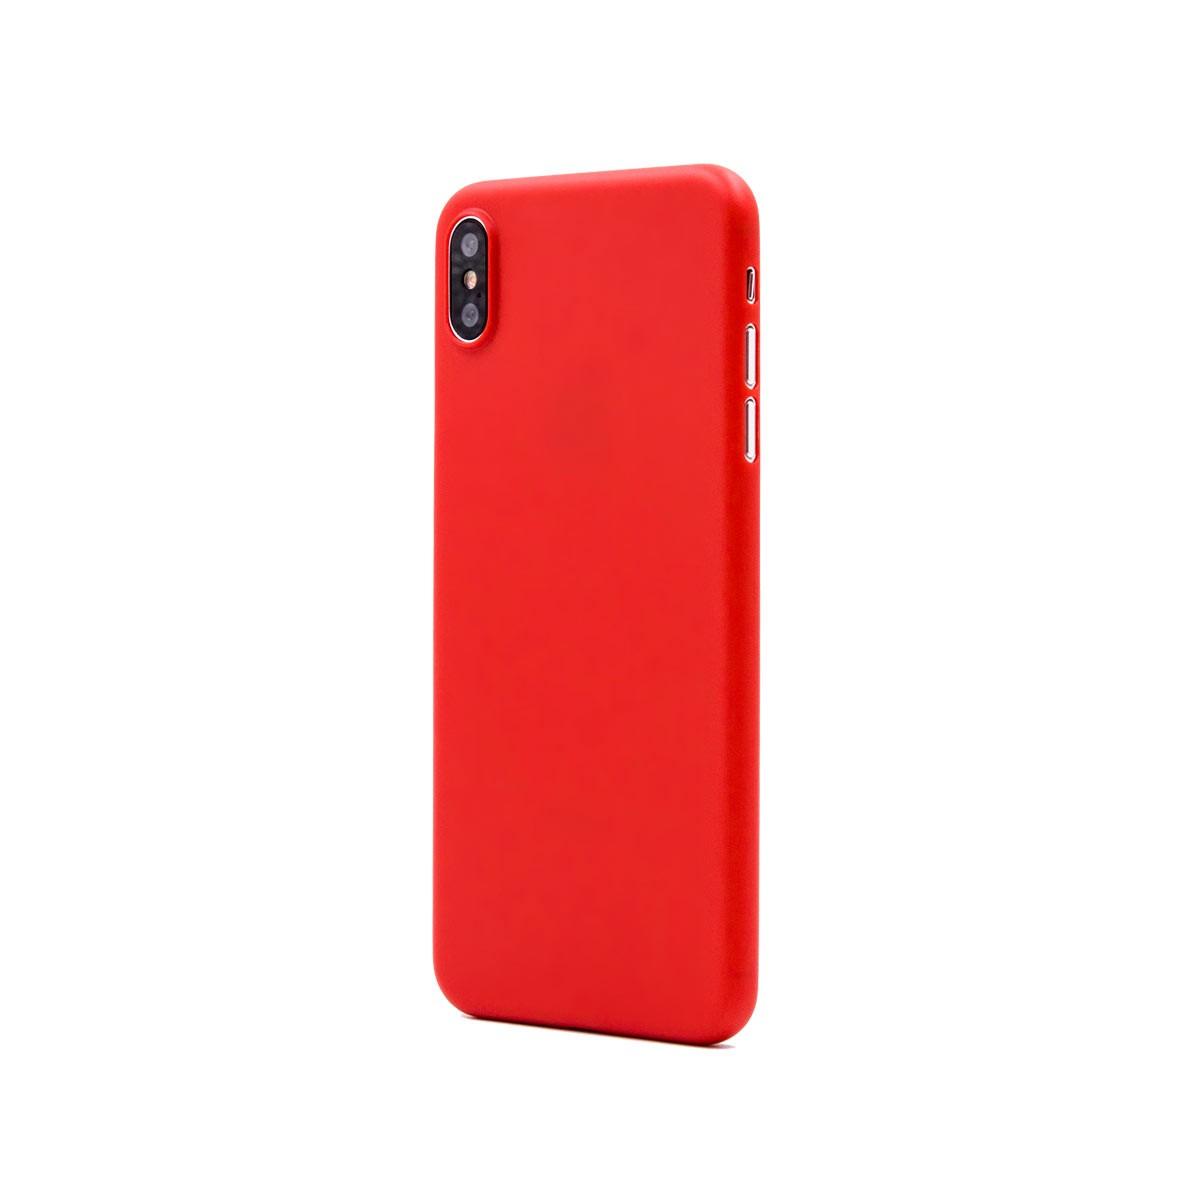 Capac protectie spate cellara colectia thin pentru iphone xs max - rosu